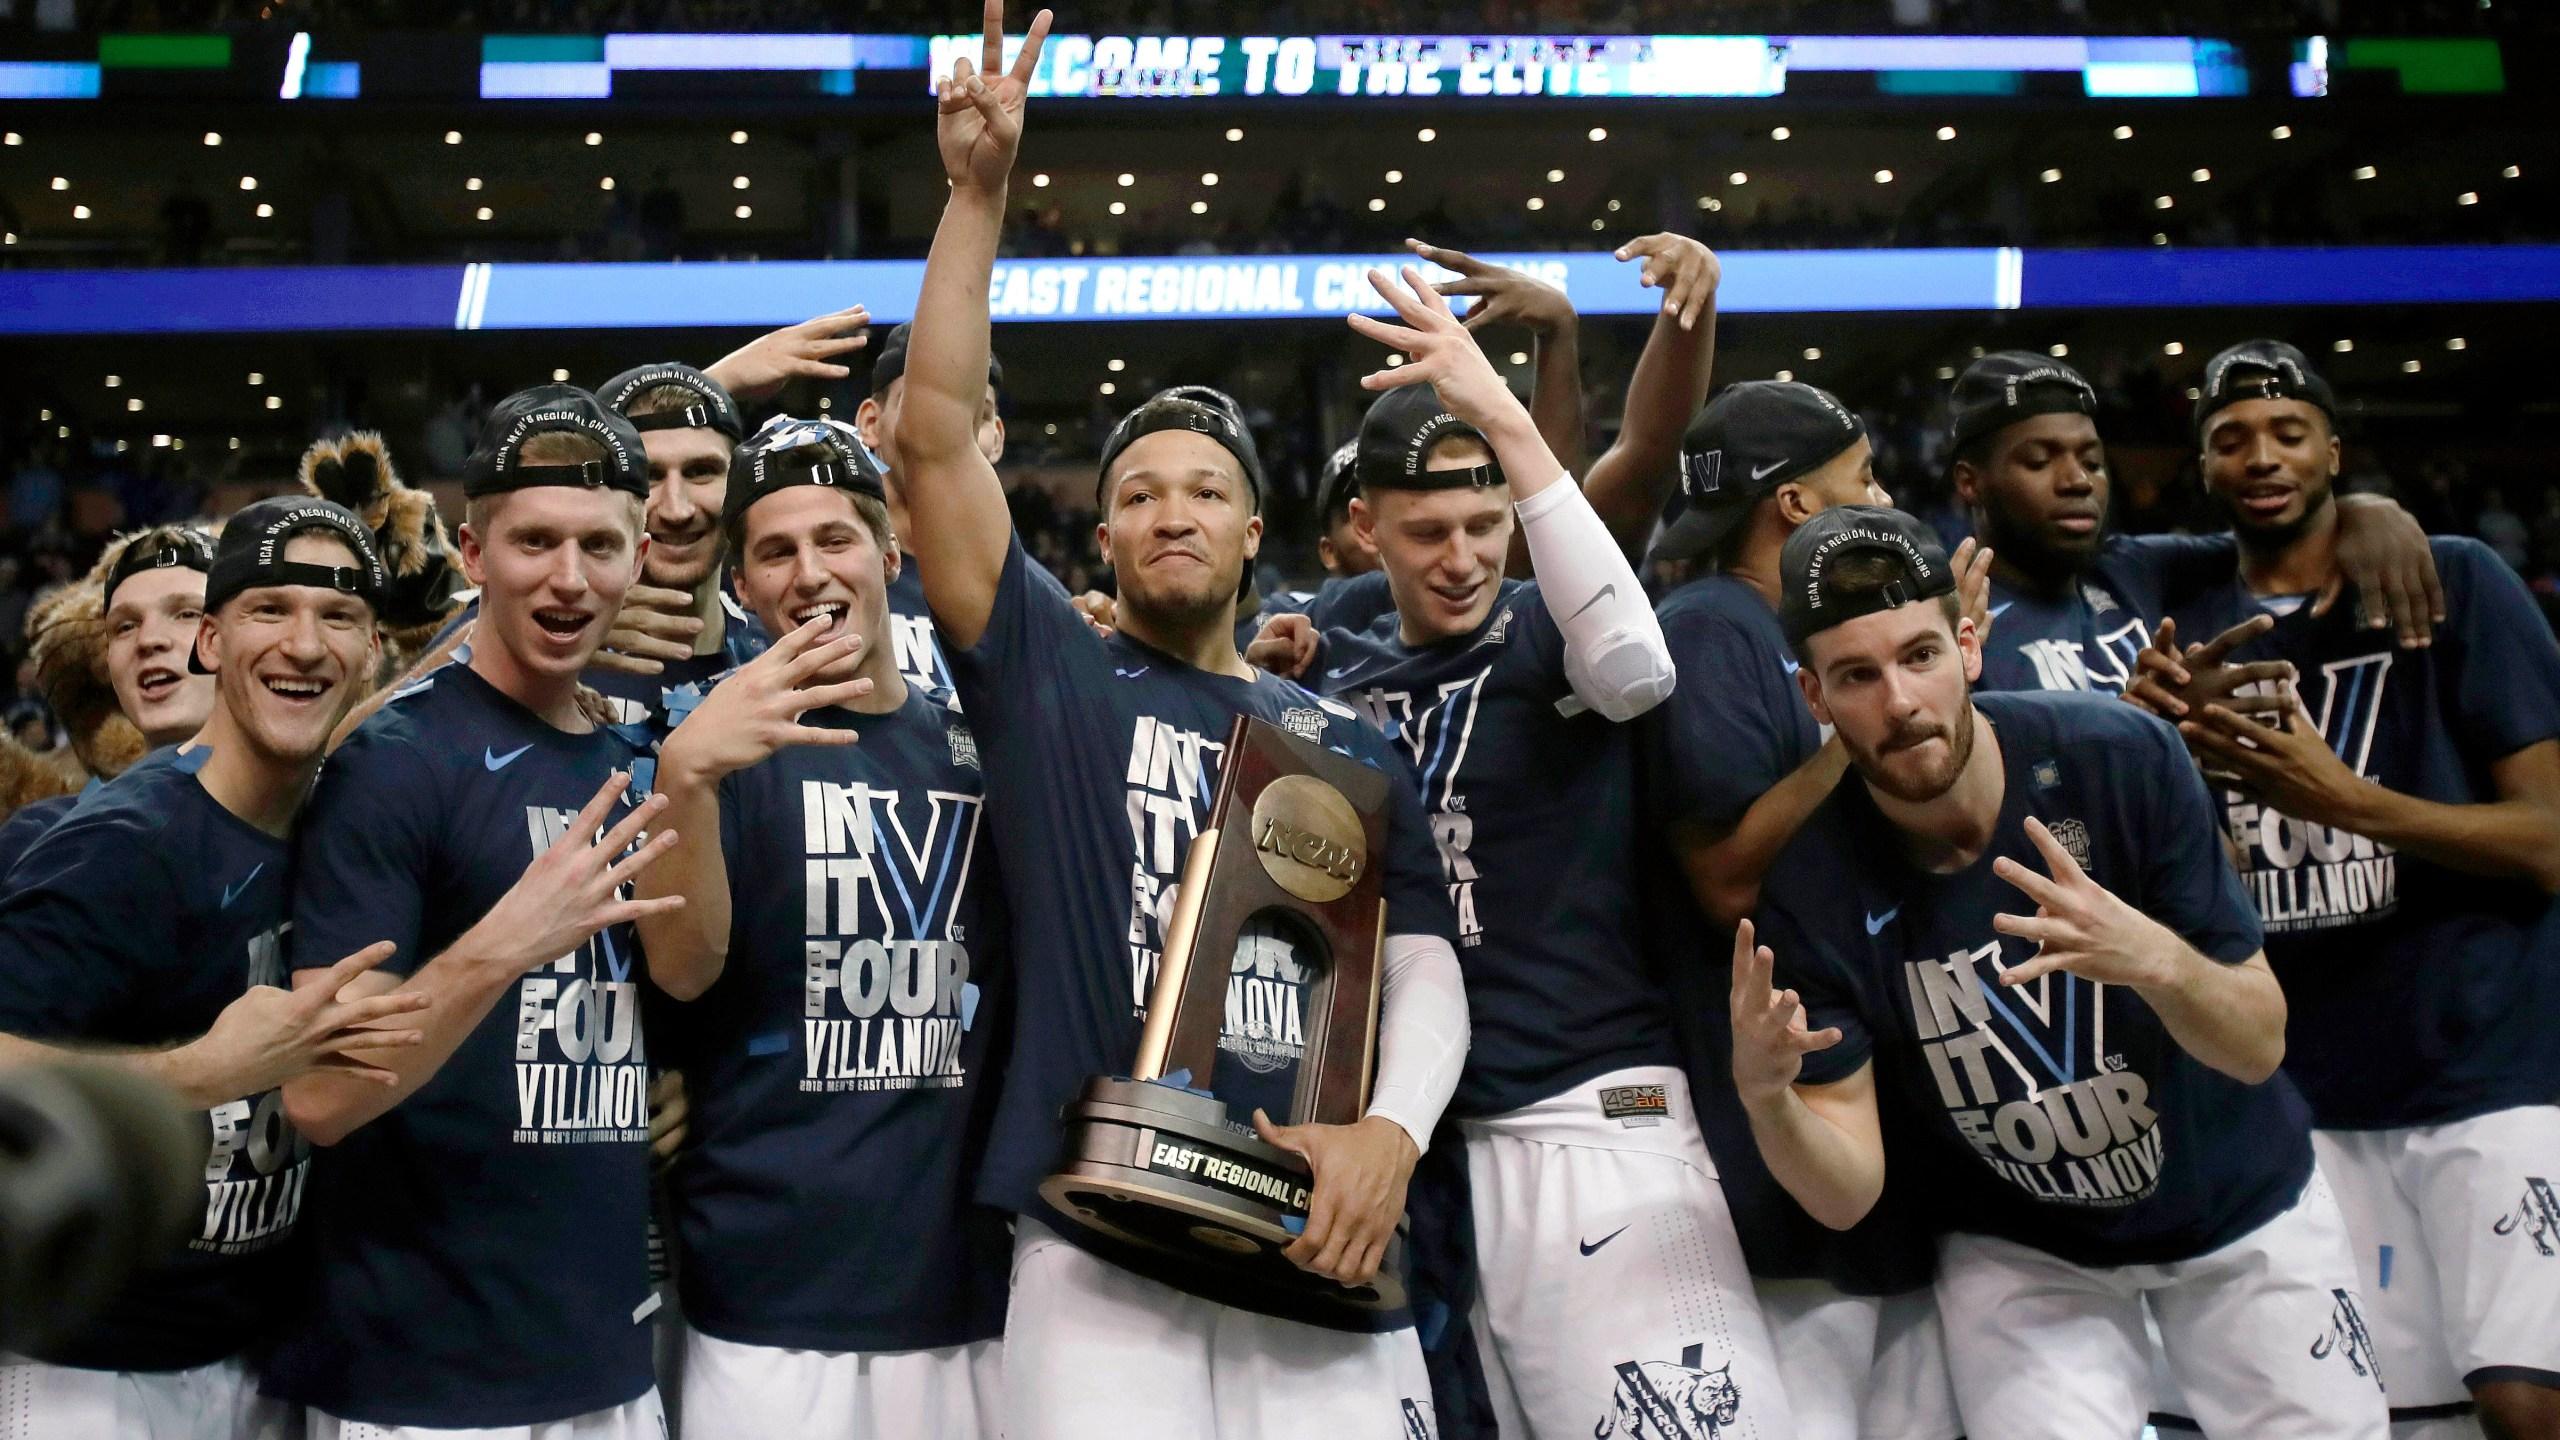 NCAA_Texas_Tech_Villanova_Basketball_05766-159532.jpg69117946